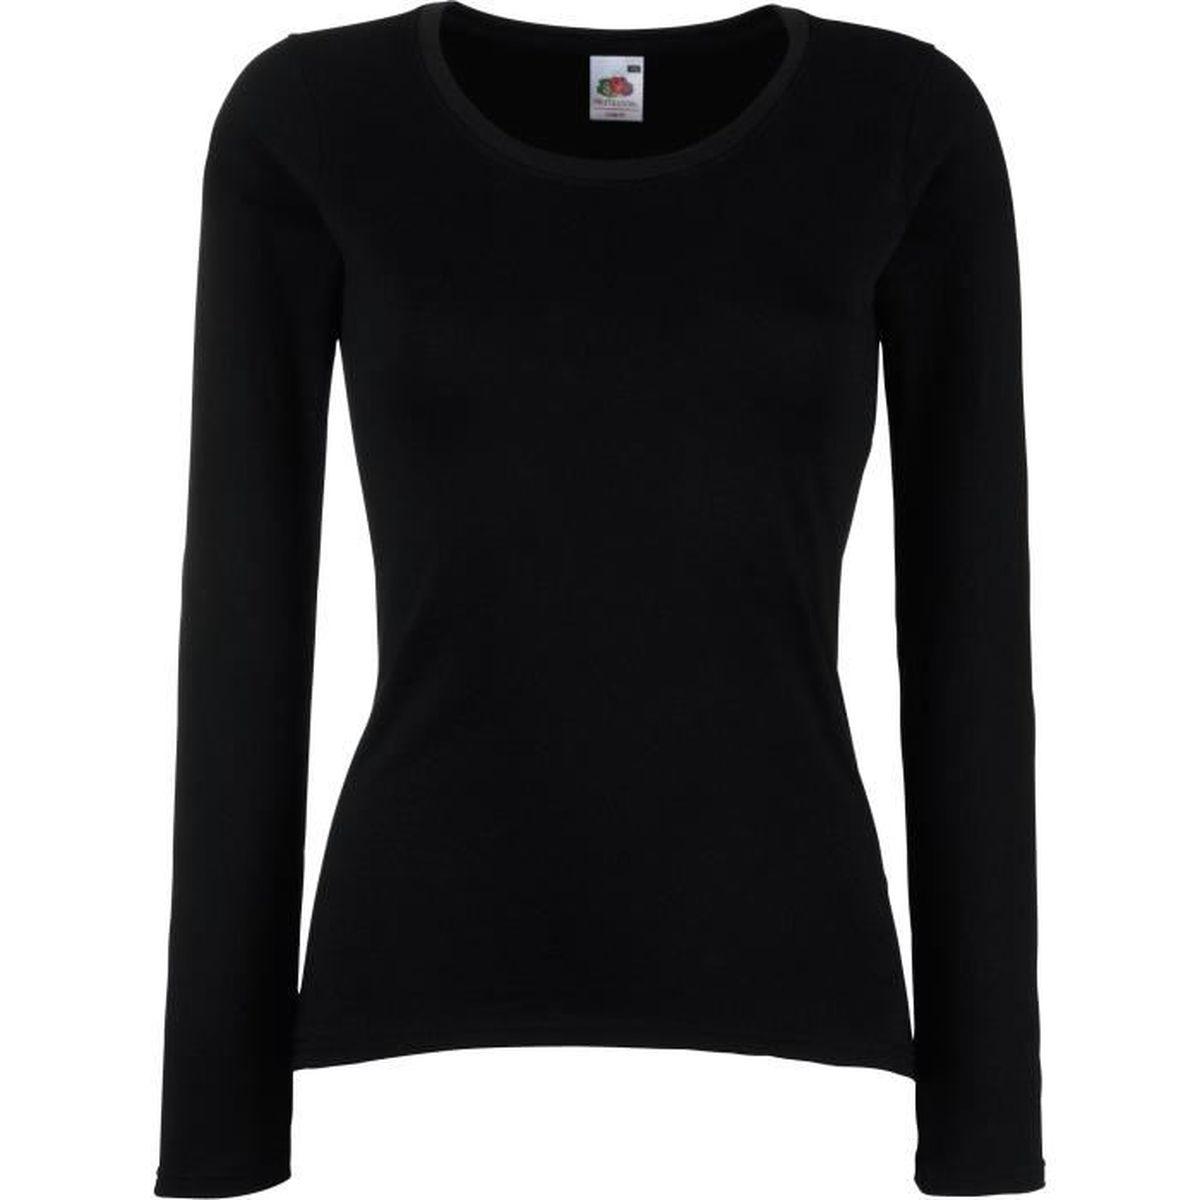 8e1d179f9 T-shirt femme manches longues Black Black - Achat / Vente t-shirt ...